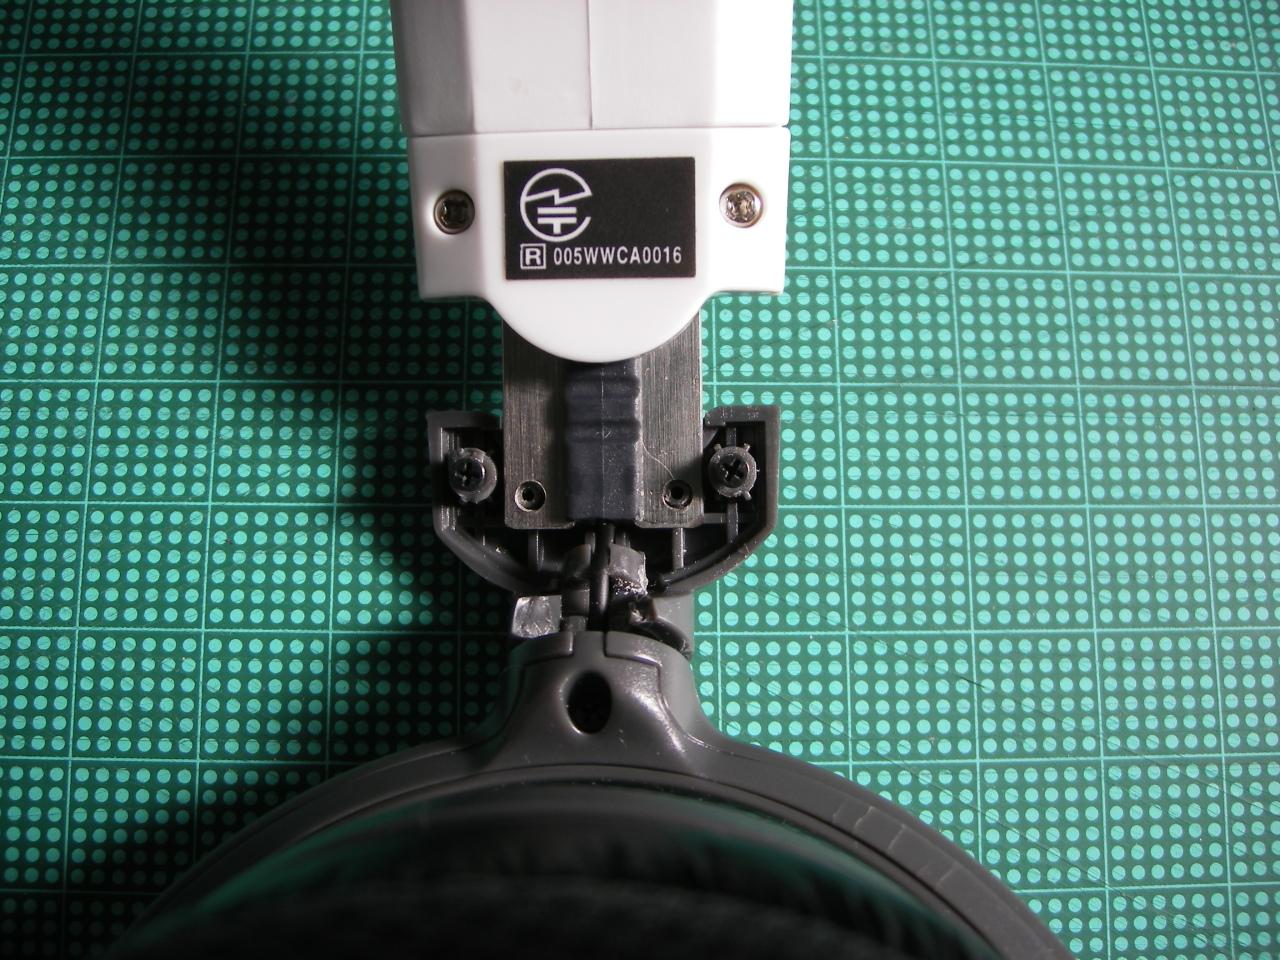 スライドレールの固定部分。5mmくらいしかない